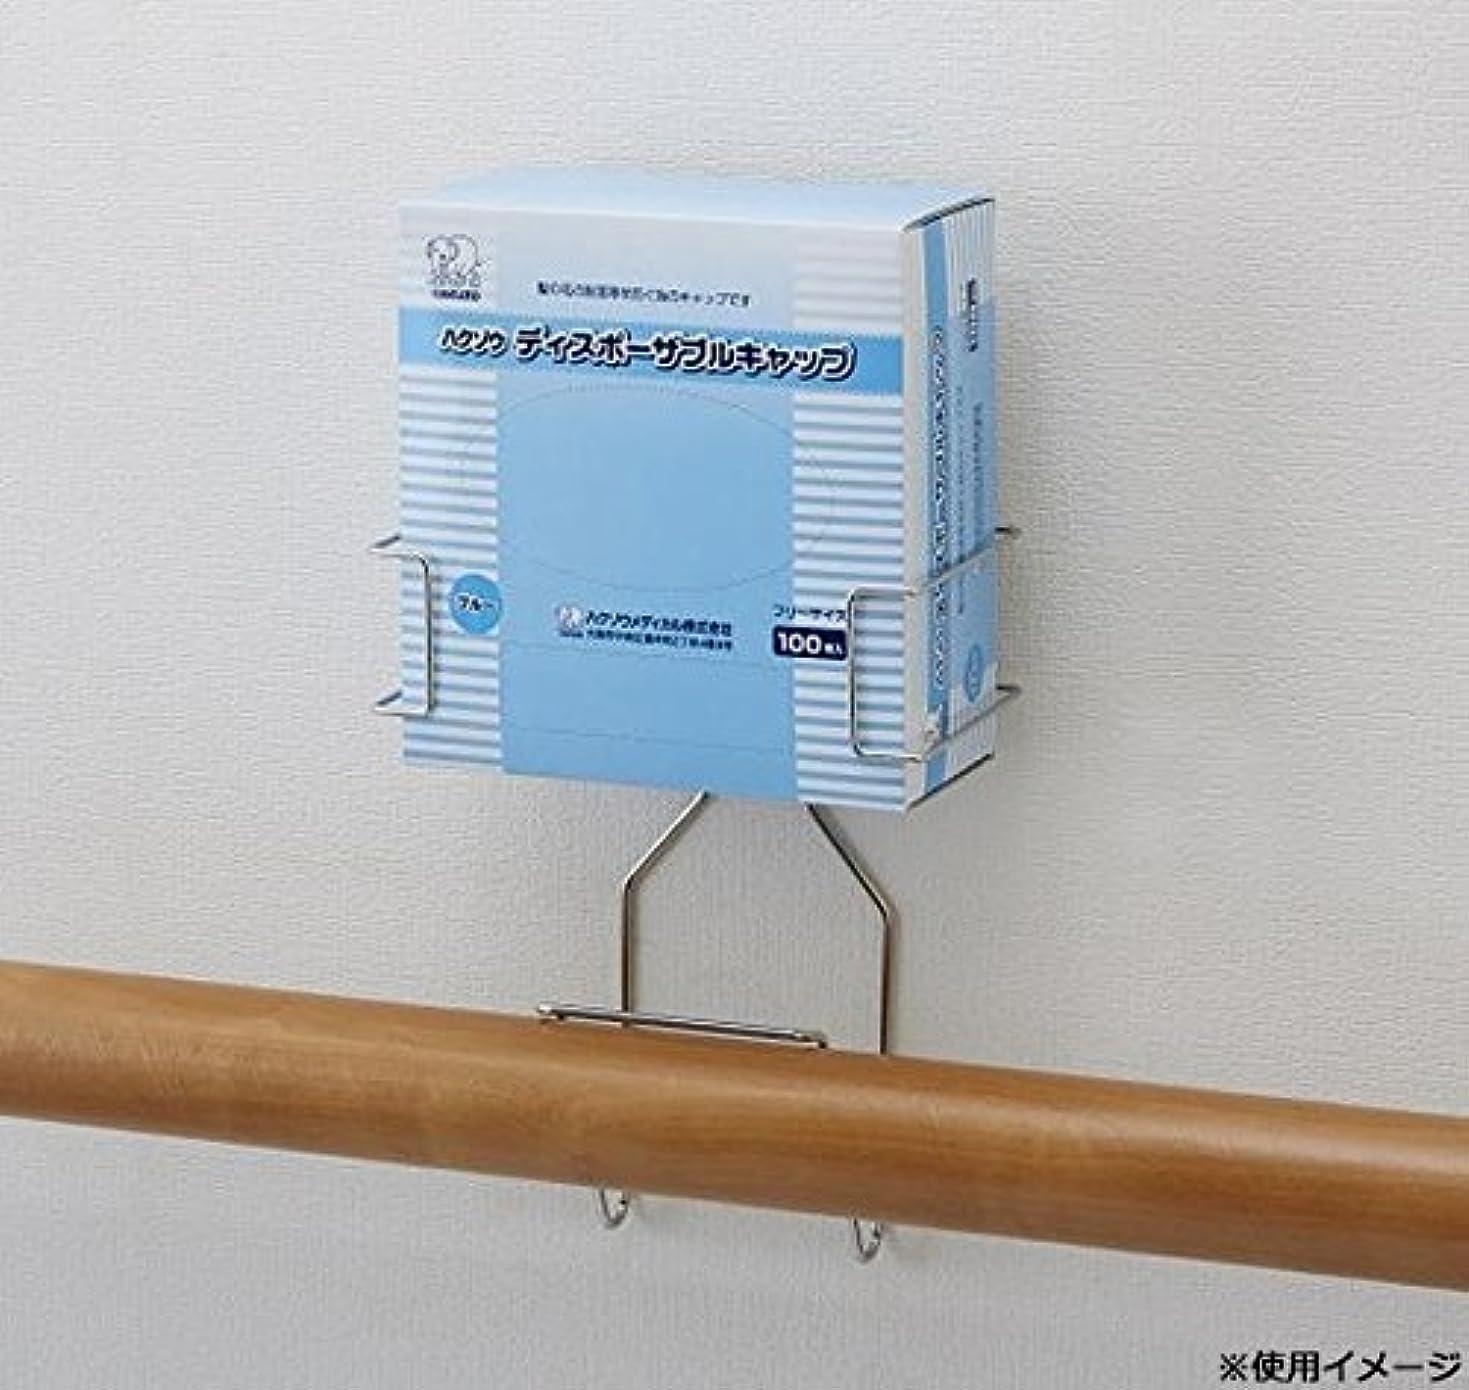 スクラッチ非常に怒っていますジョグハクゾウメディカル PPE製品用ホルダーSE(手すり用タイプ) エプロン?グローブタイプ 3904992